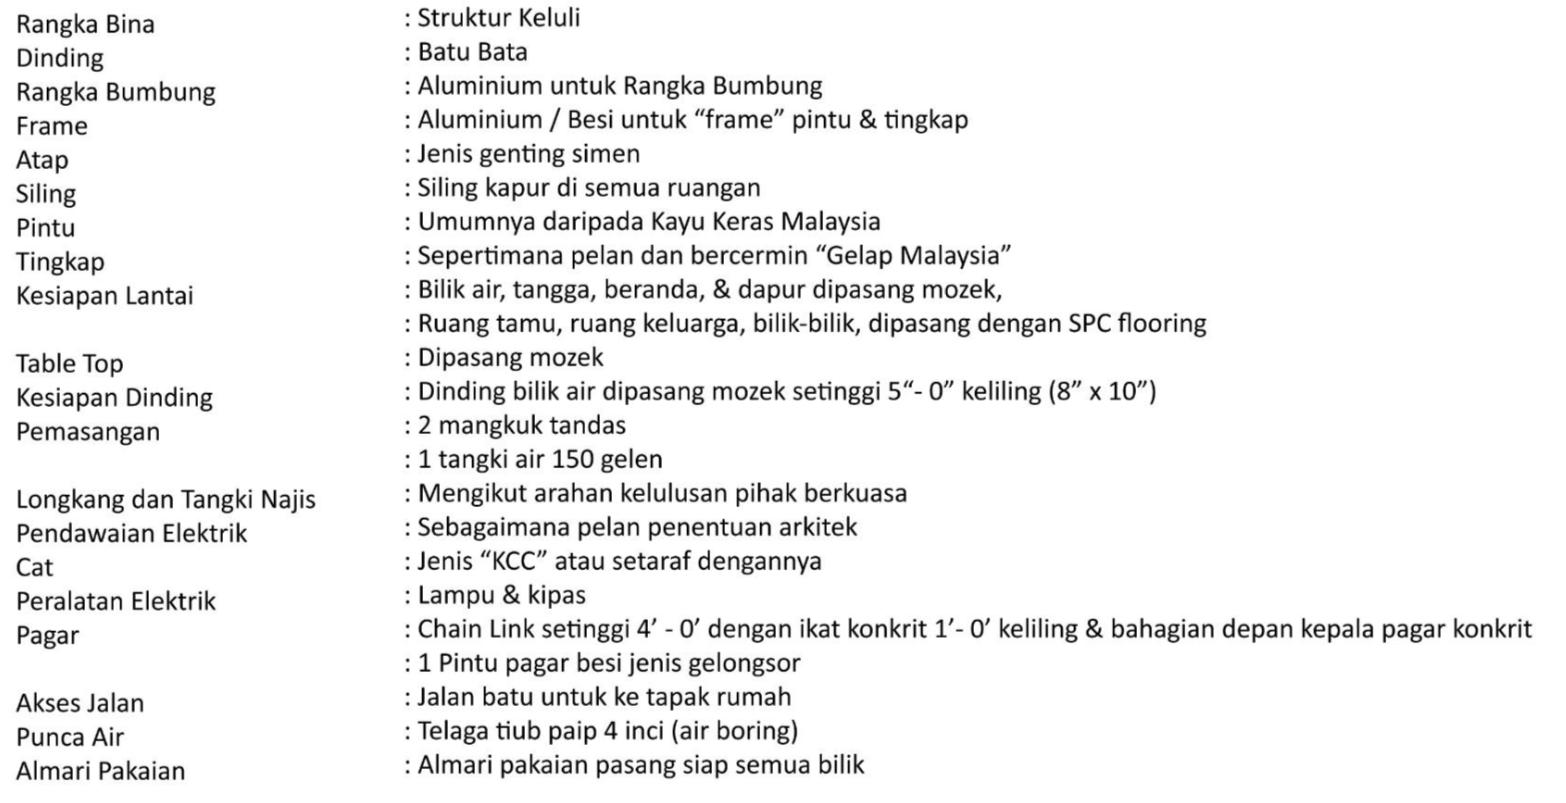 Teratak Permai Kuala Paku 29